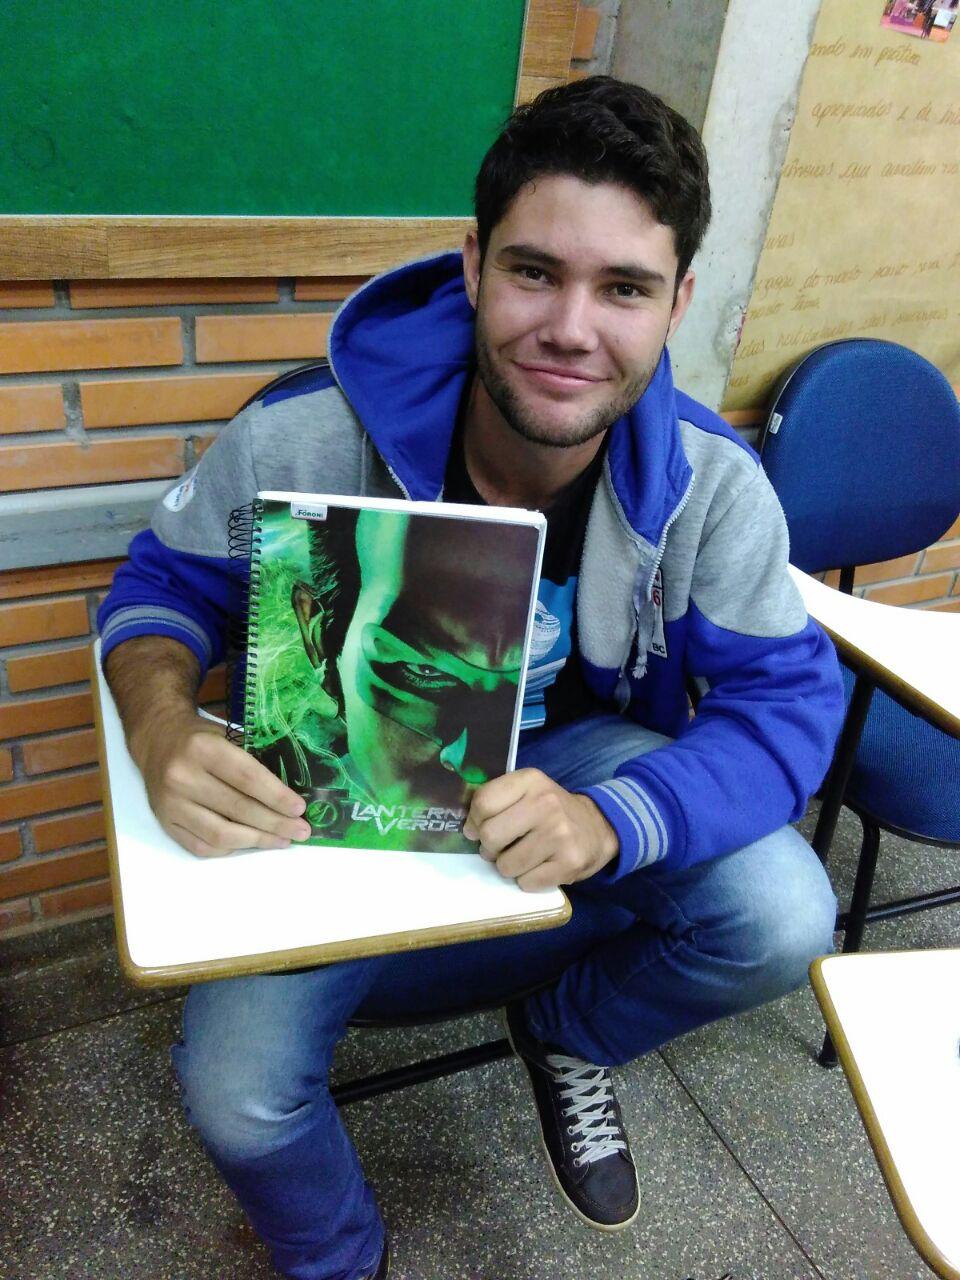 Dia da Toalha: Uma Homenagem do Depósito para os Fãs!